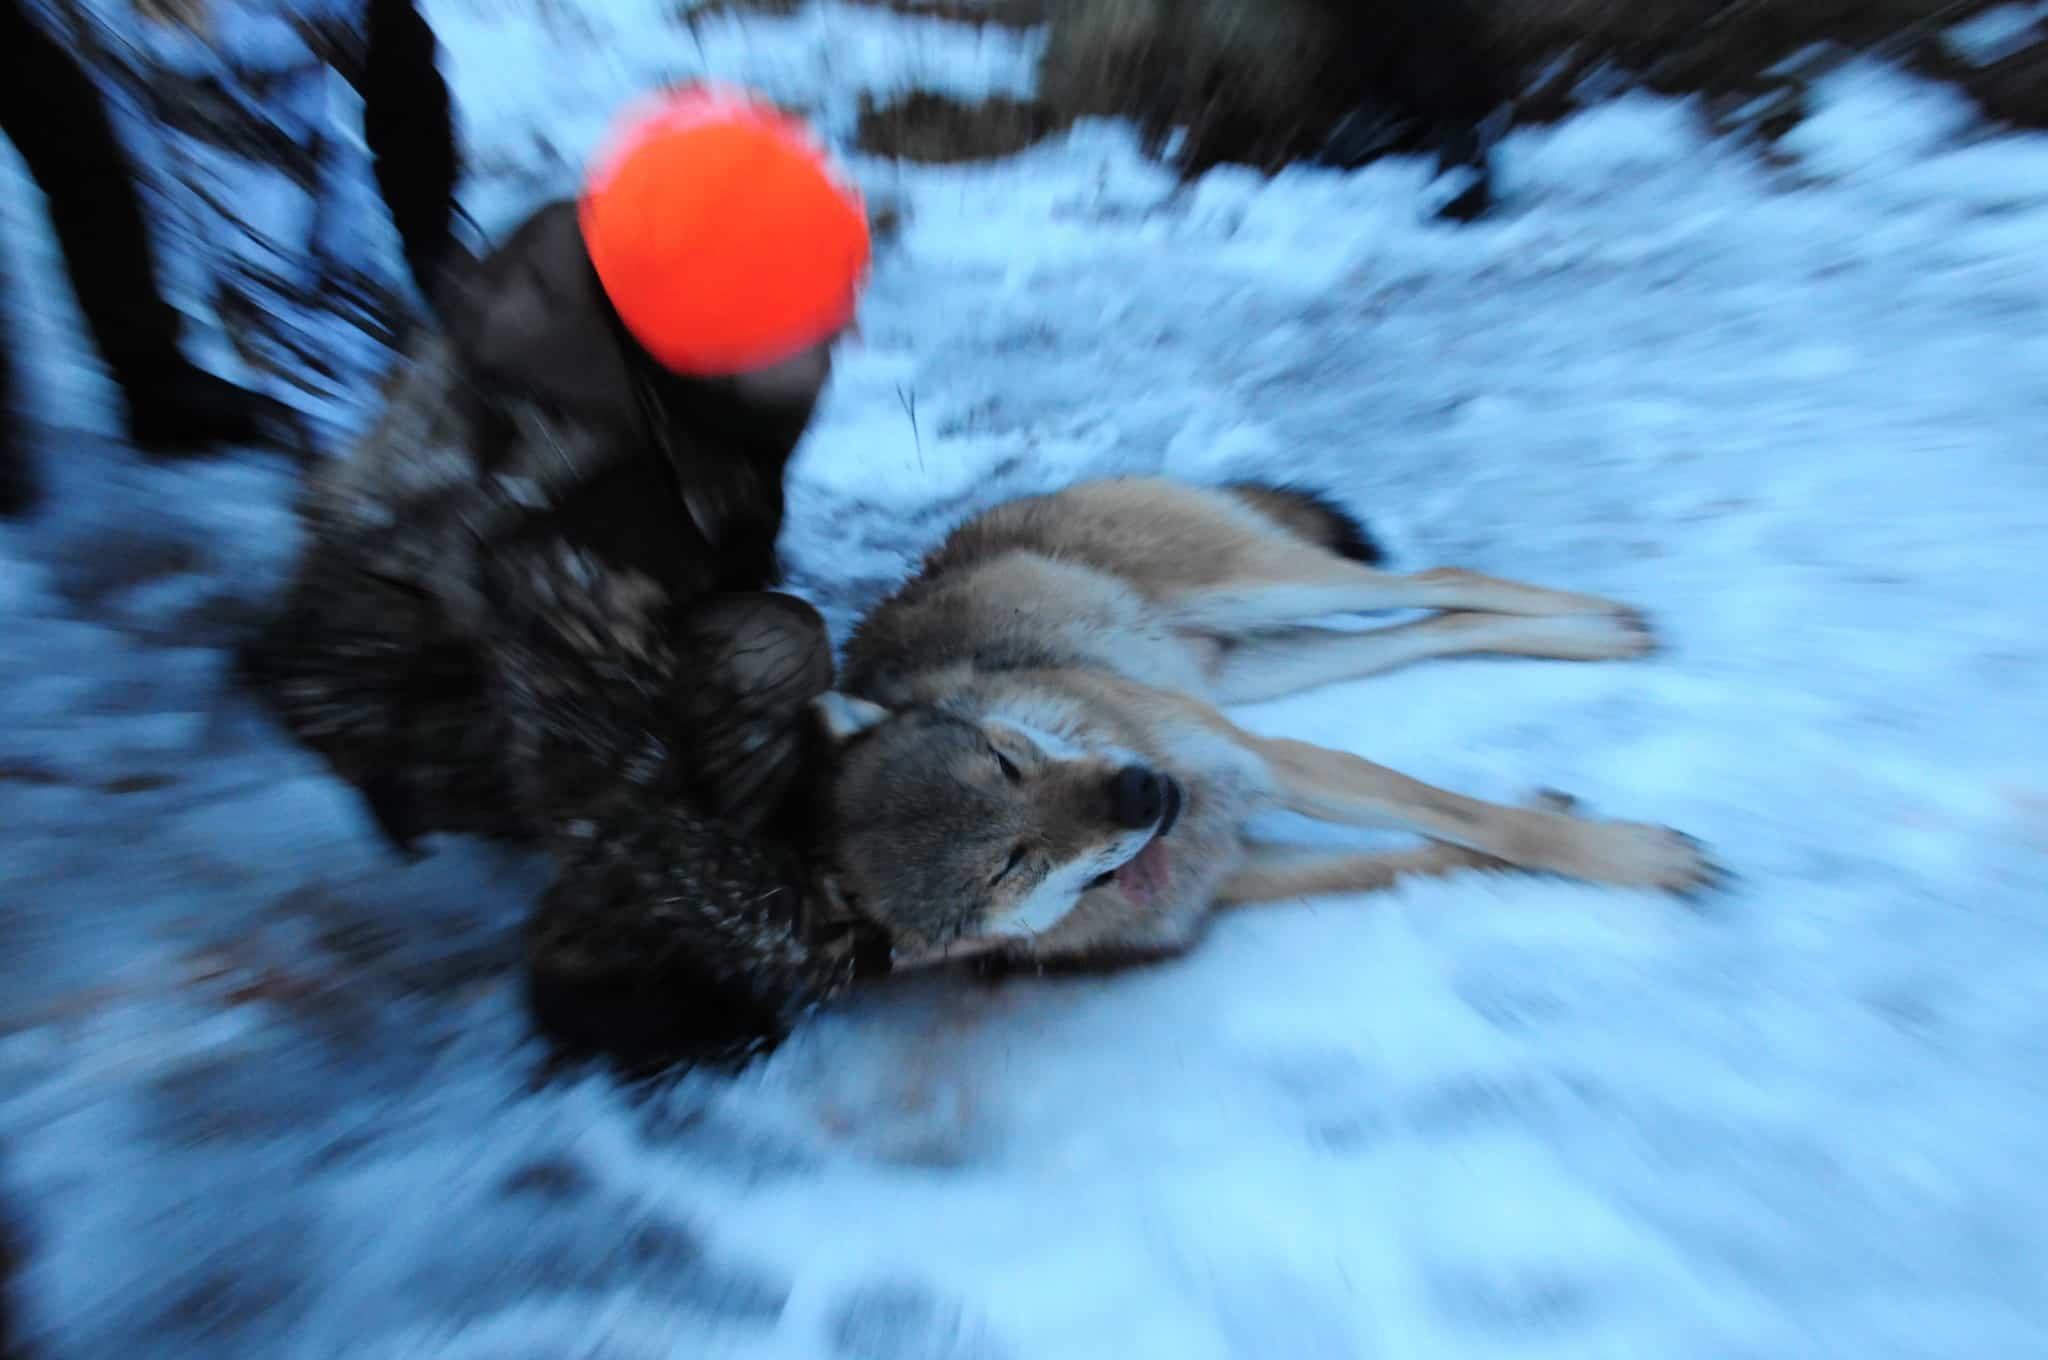 Nu väntar alla på besked från förvaltningsrätterna i Karlstad och Uppsala, om vargjakten kan komma igång innan jakttiden löper ut. Foto: Boo Westlund